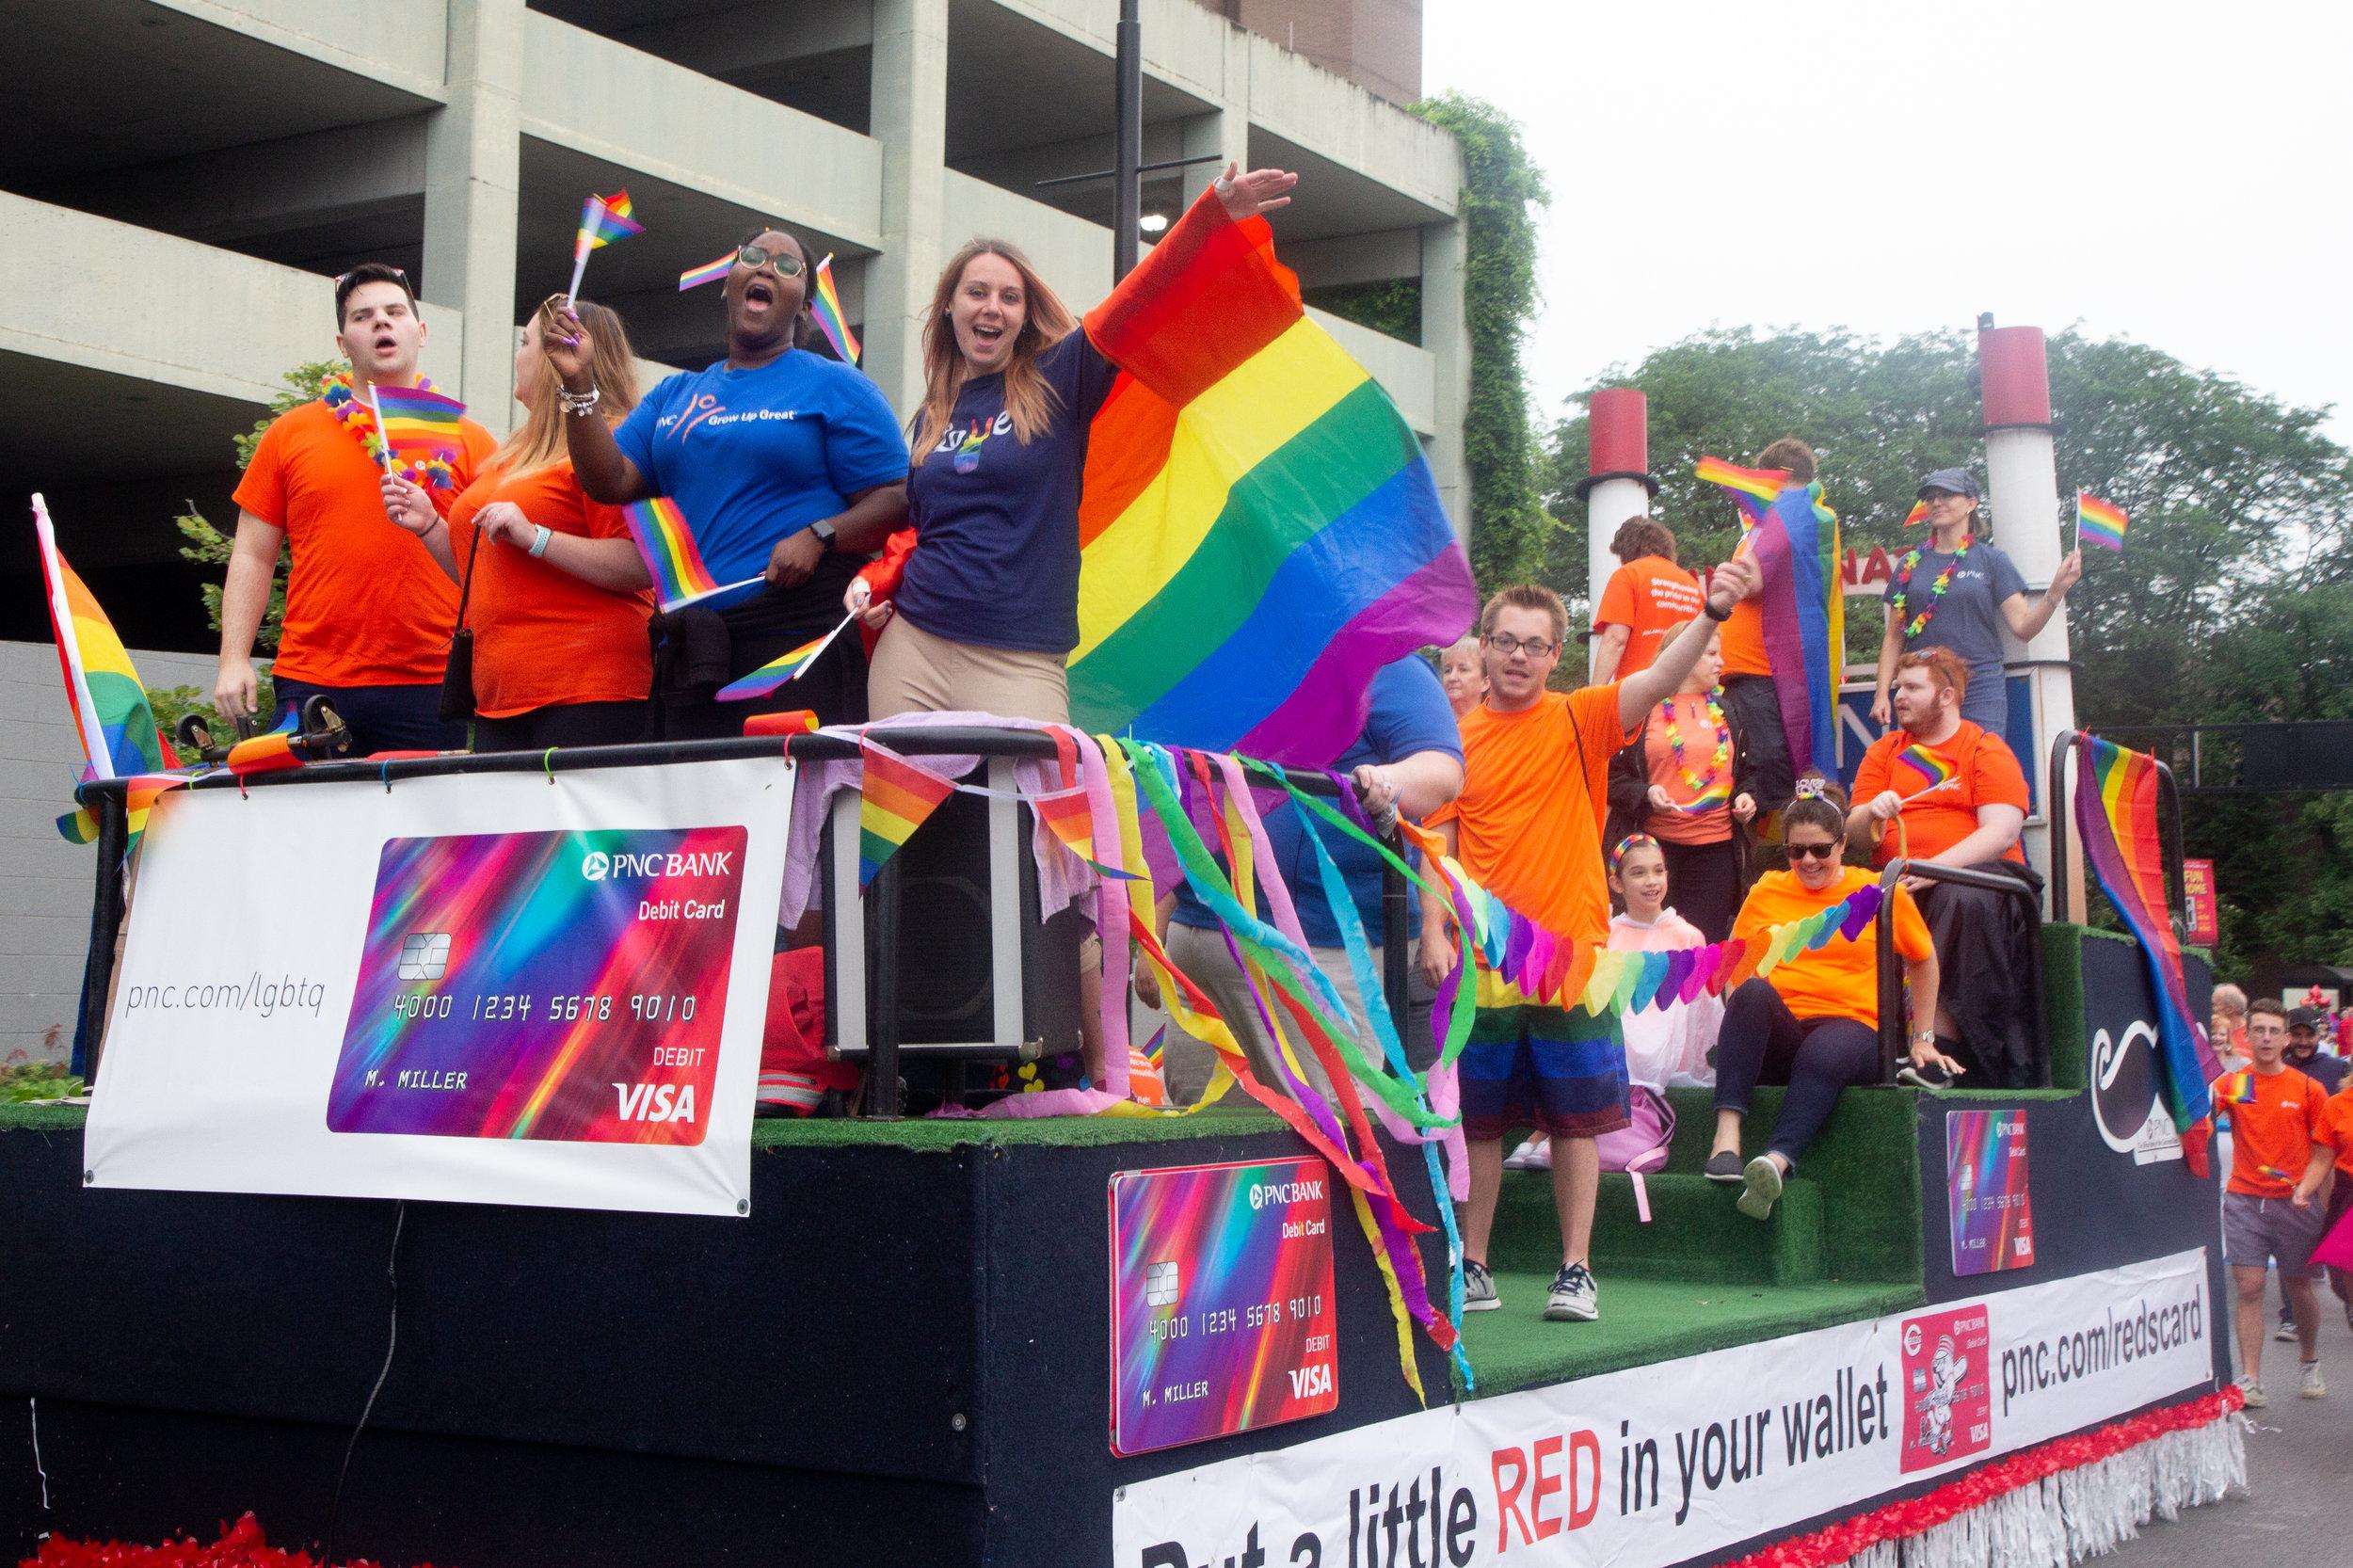 CaseyMillerPhoto - Pride - 2019 -36.jpg